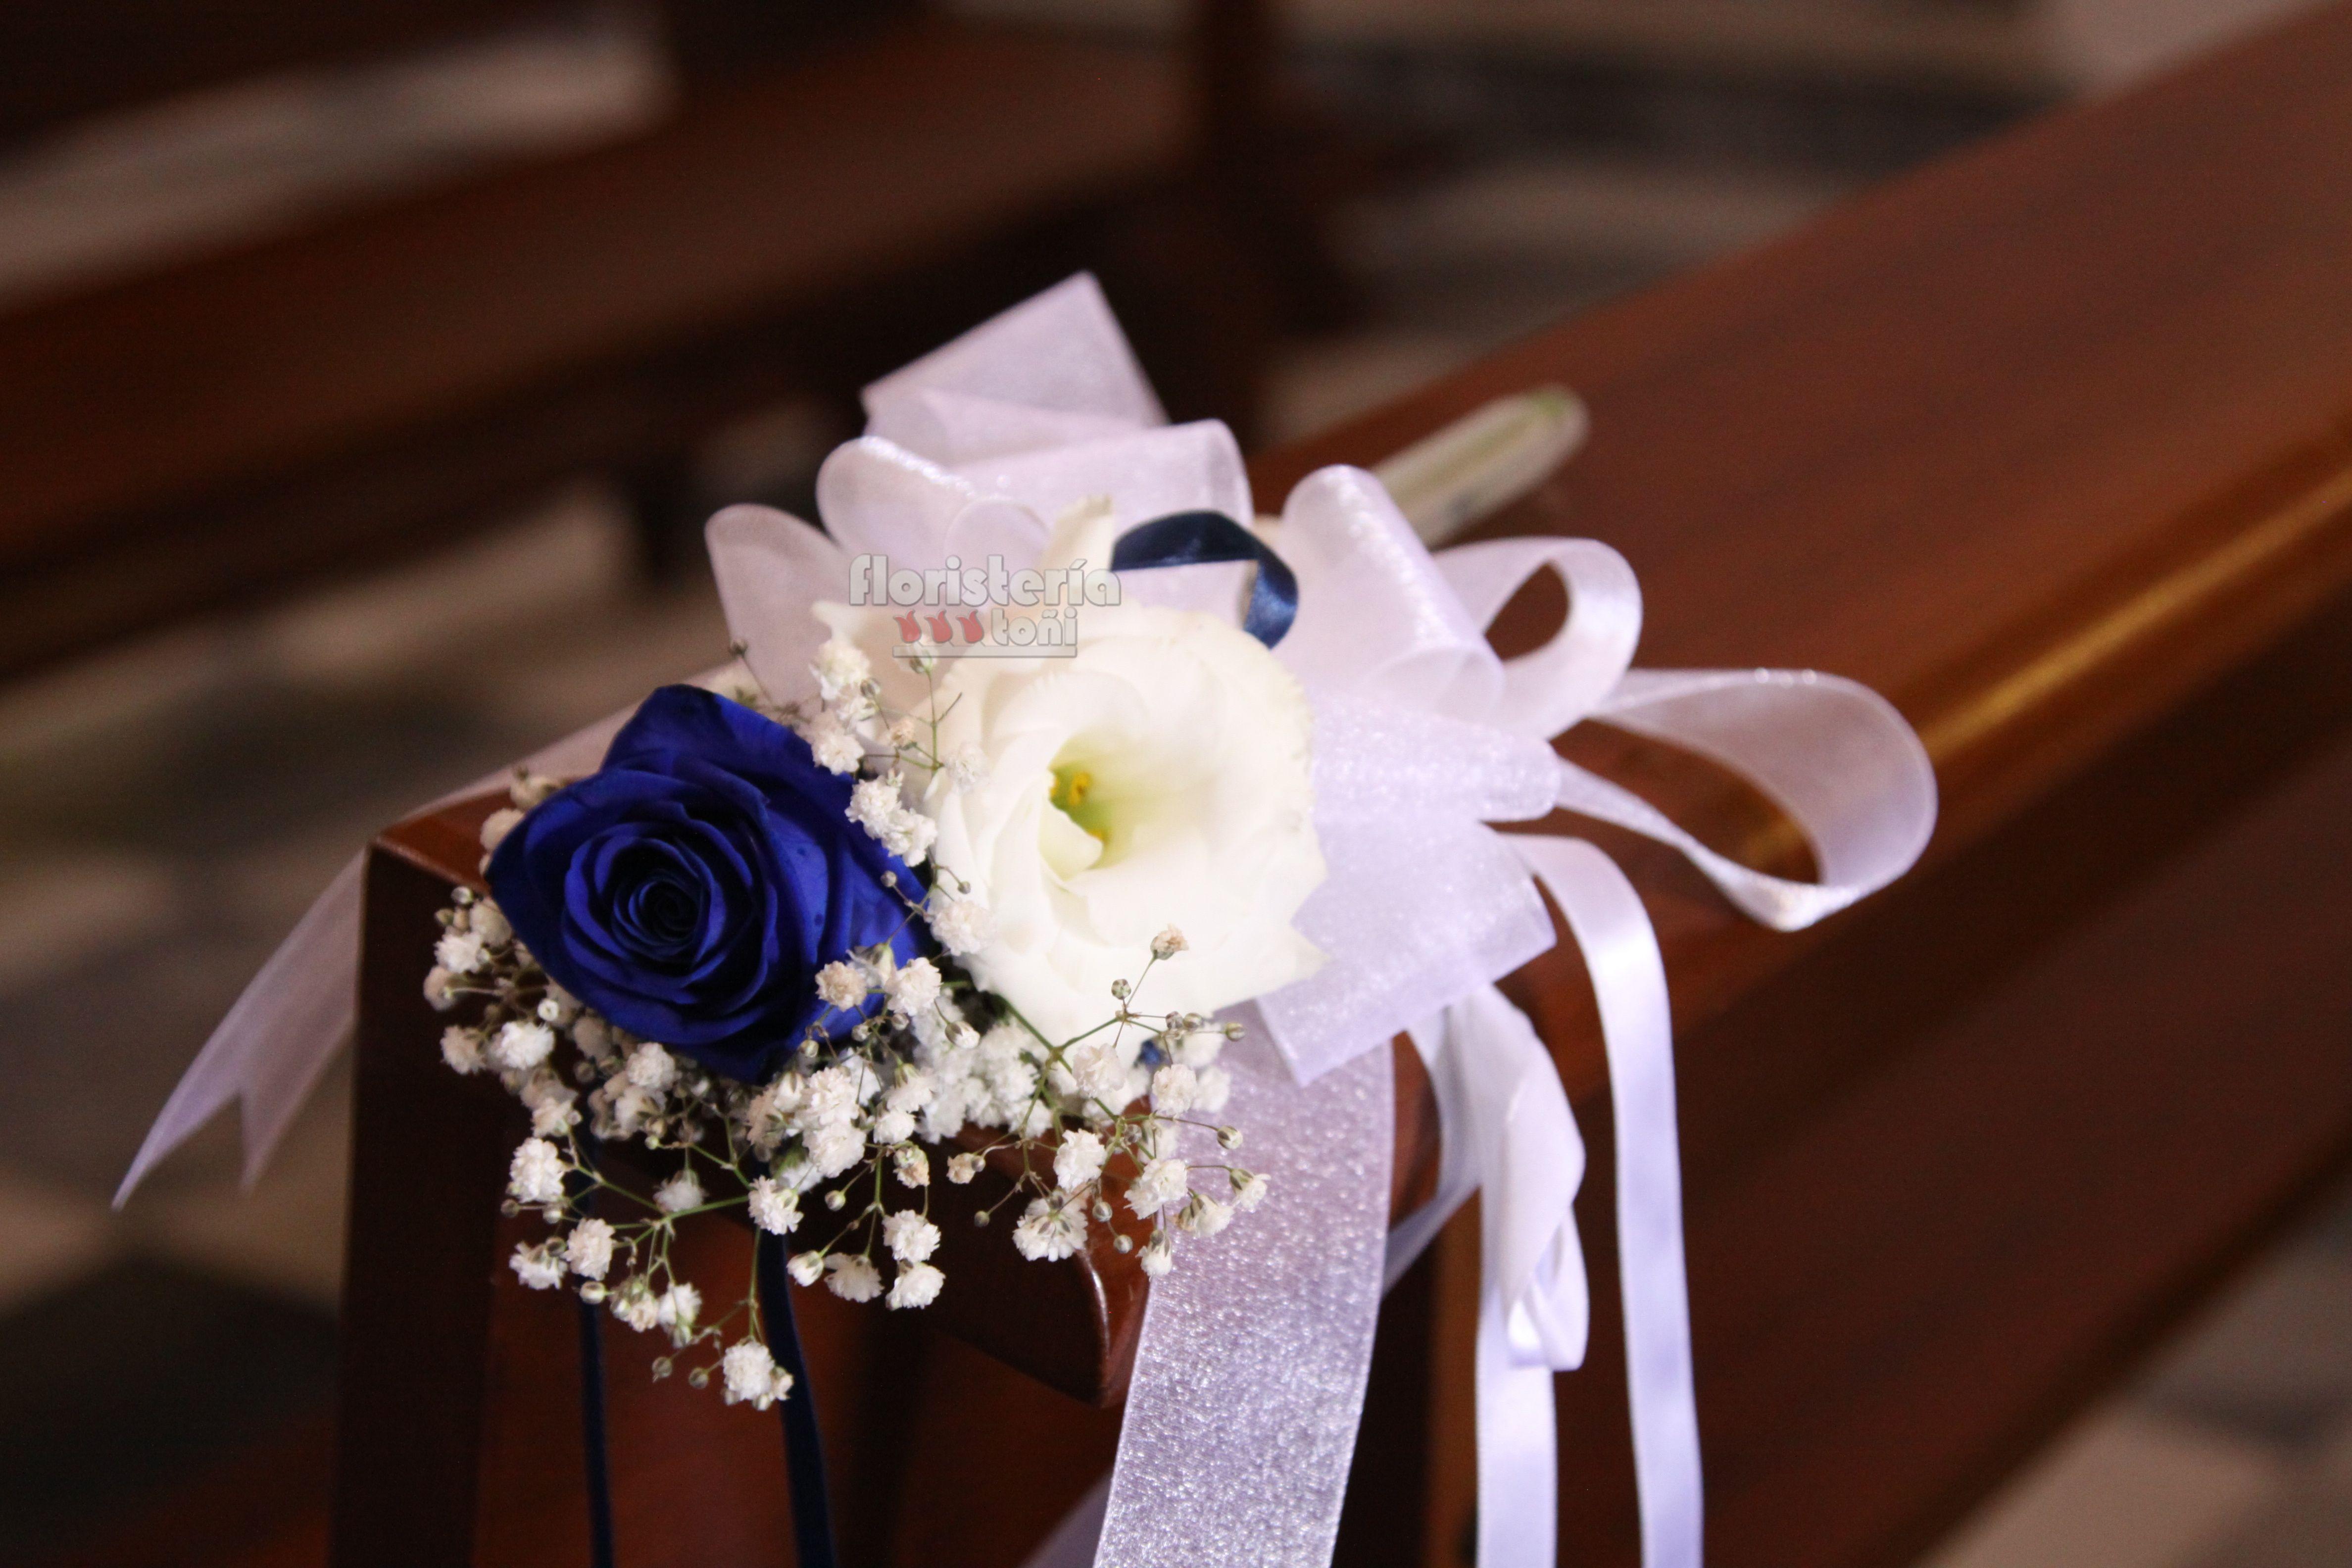 Decoración Bancos Con Rosas Azules Manualidades Para Boda Decoracion De Iglesia Recuerdos De Boda